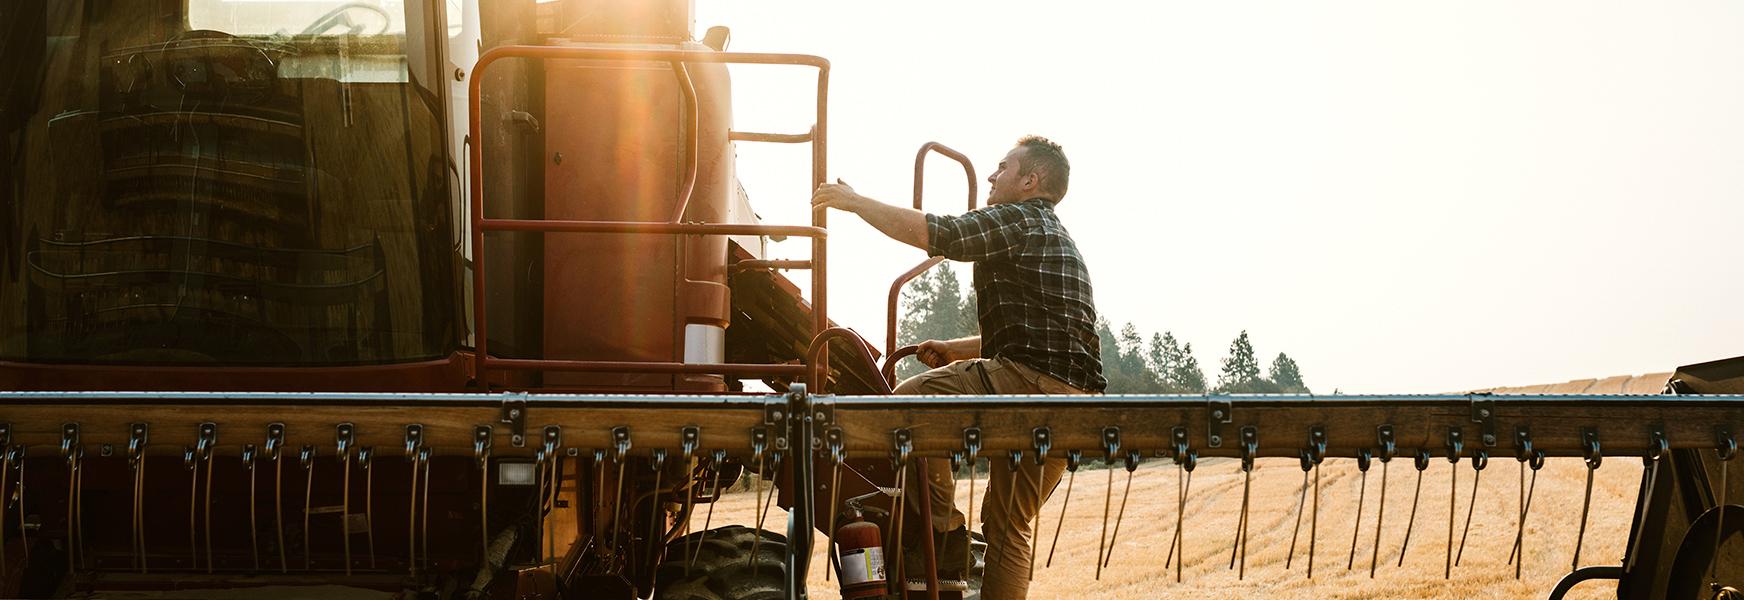 farmer on machine